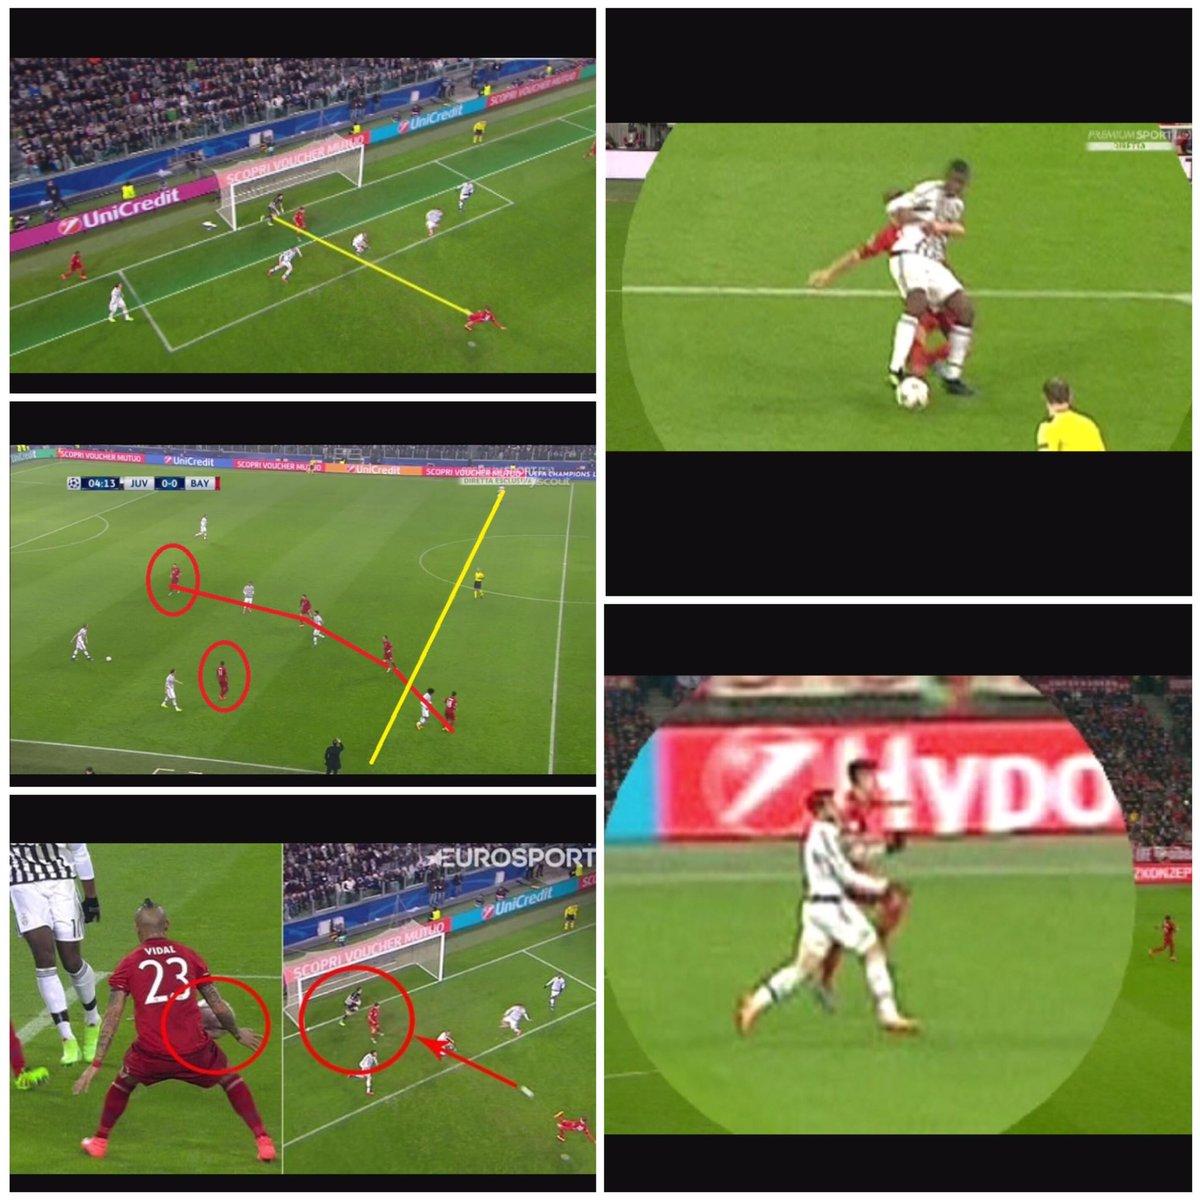 #ChampionsLeague lo scorso anno la moviola non serviva?!?!? Karma!!! #Realbayern #bayernjuve pic.twitter.com/6GwIrkCf8s